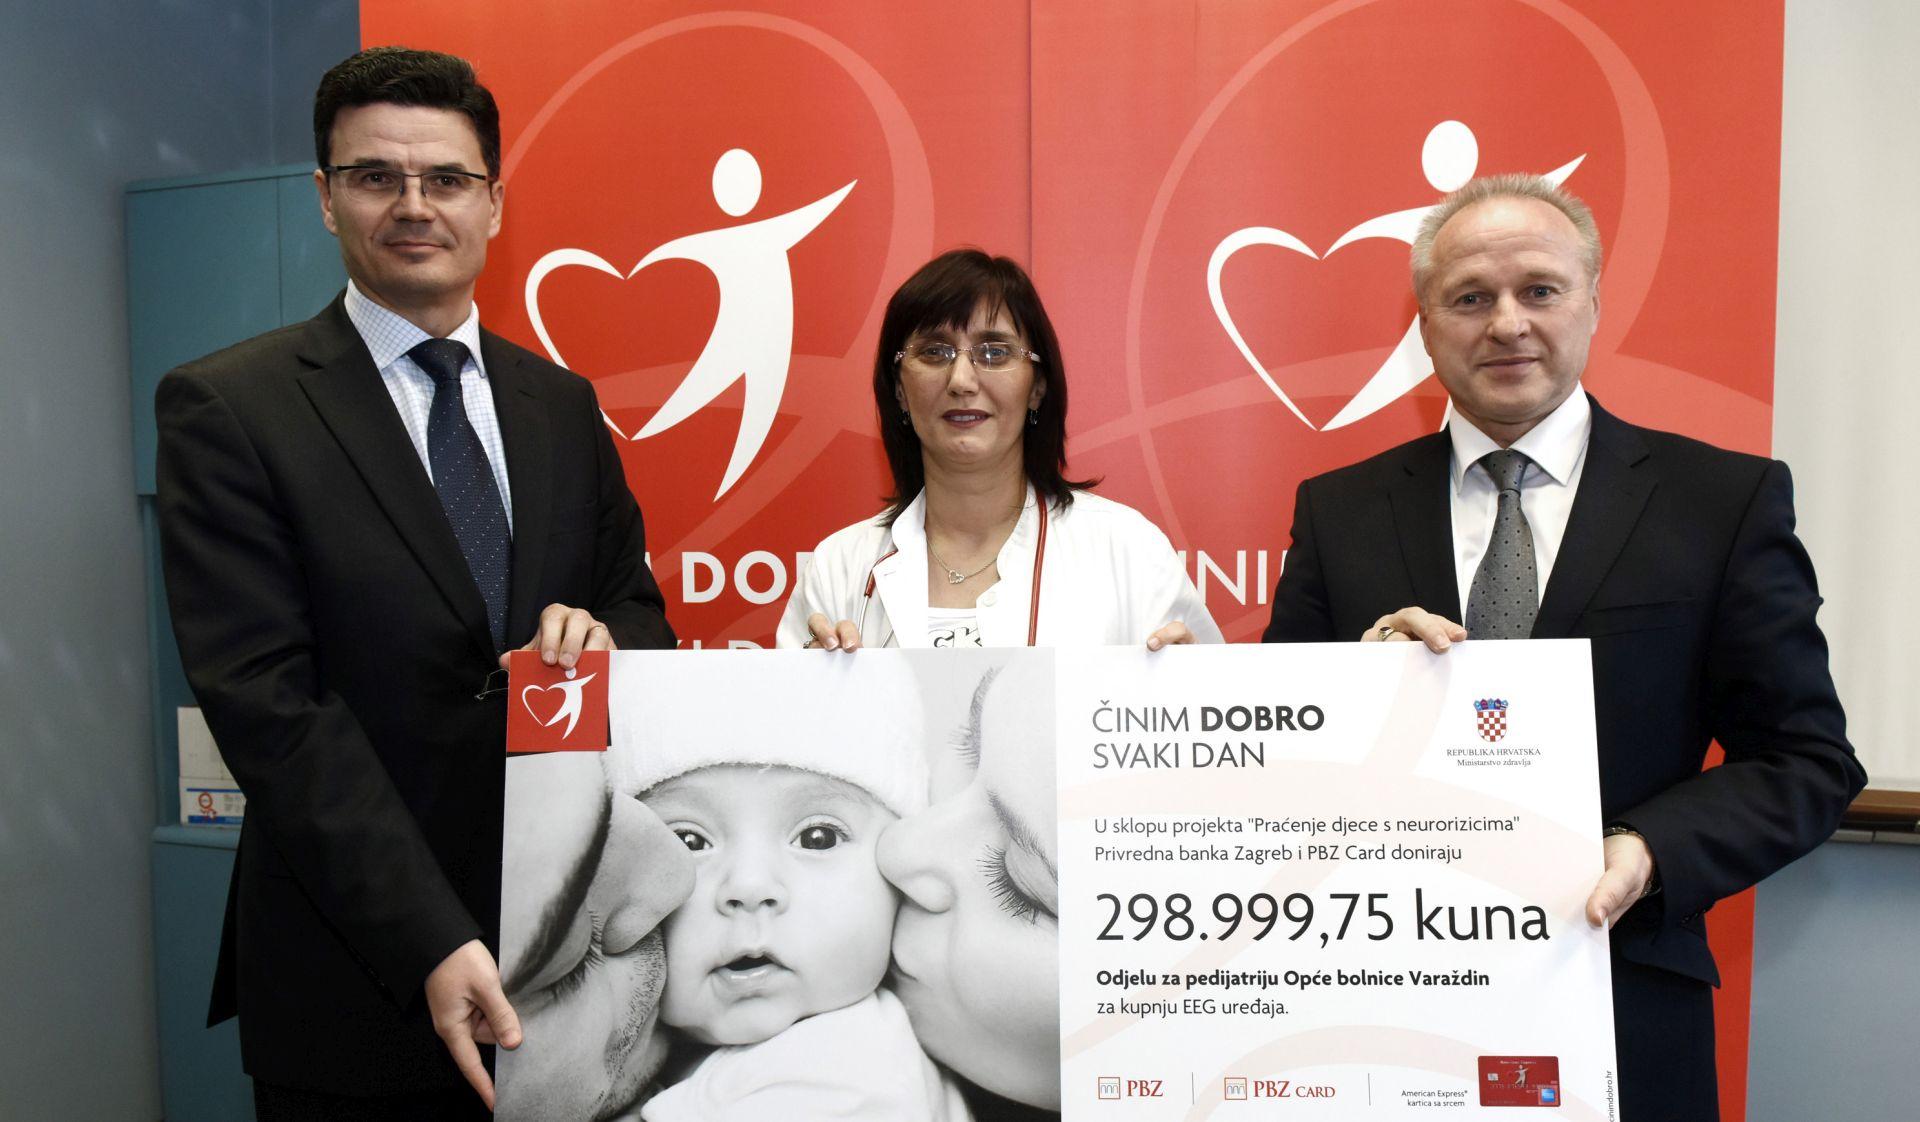 ZA KUPNJU EEG UREĐAJA: PBZ grupa donirala 299.000 kuna varaždinskoj bolnici